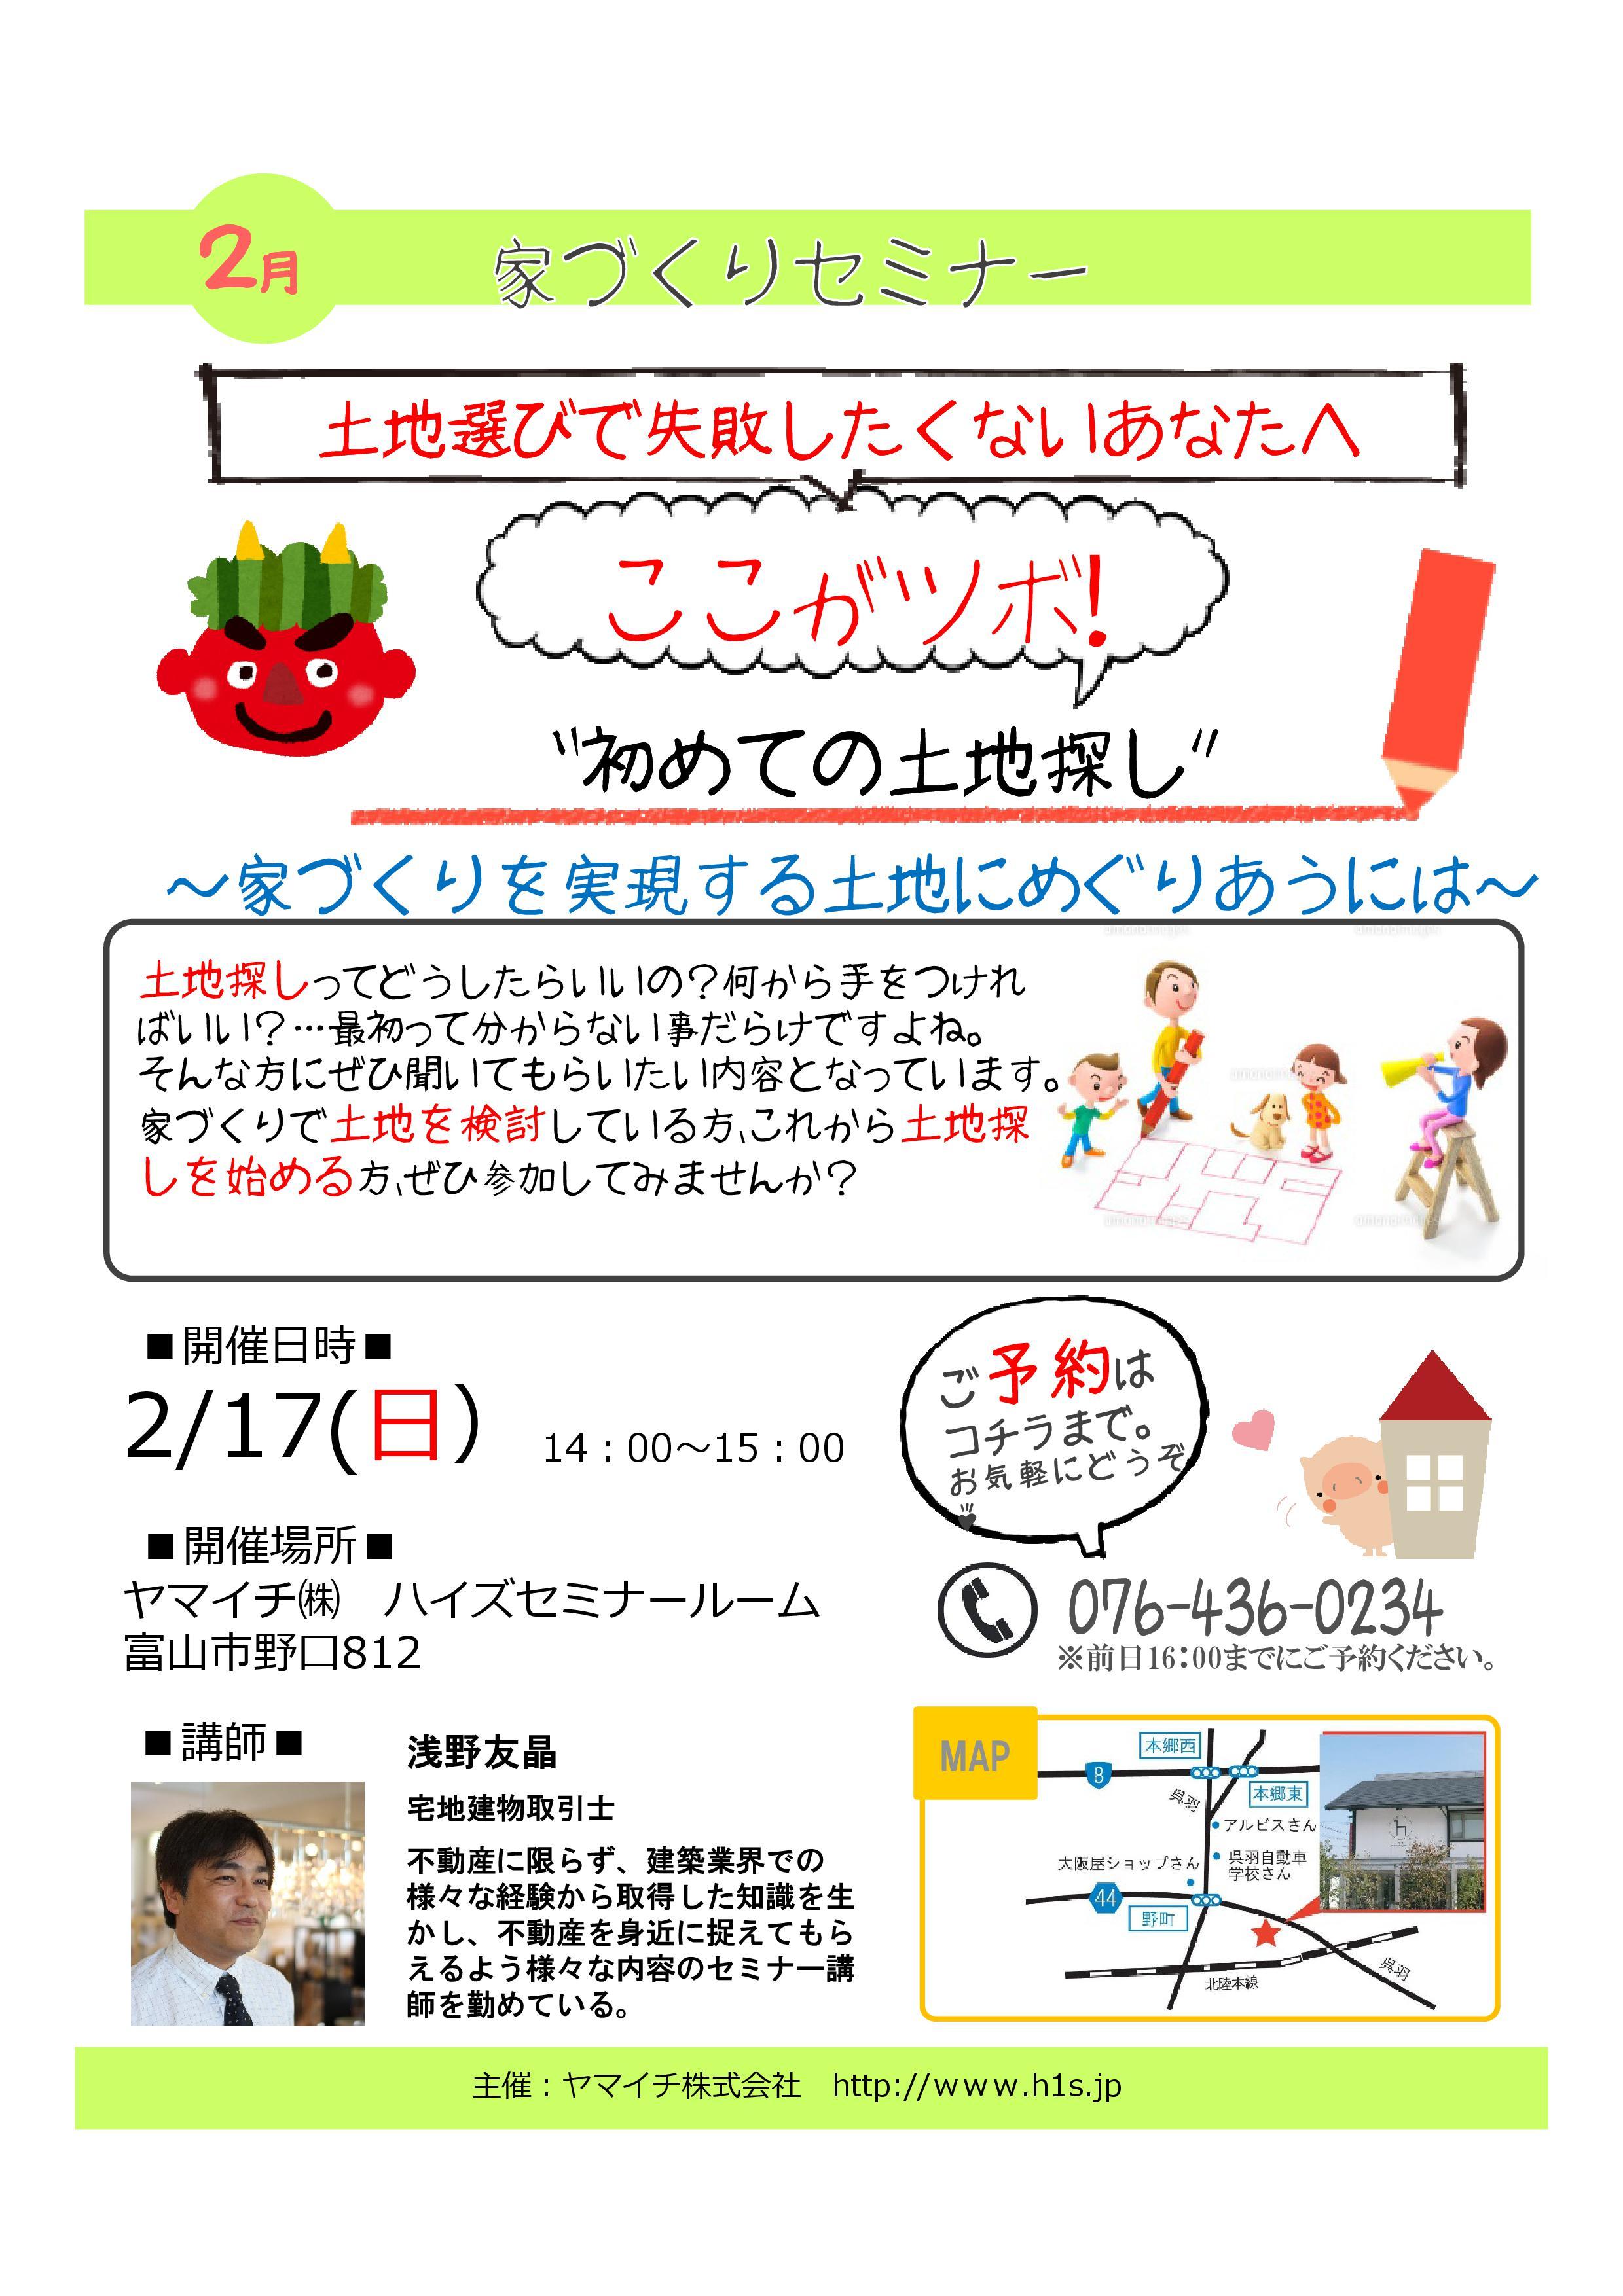 【セミナー】2/17(日)「初めての土地探し」